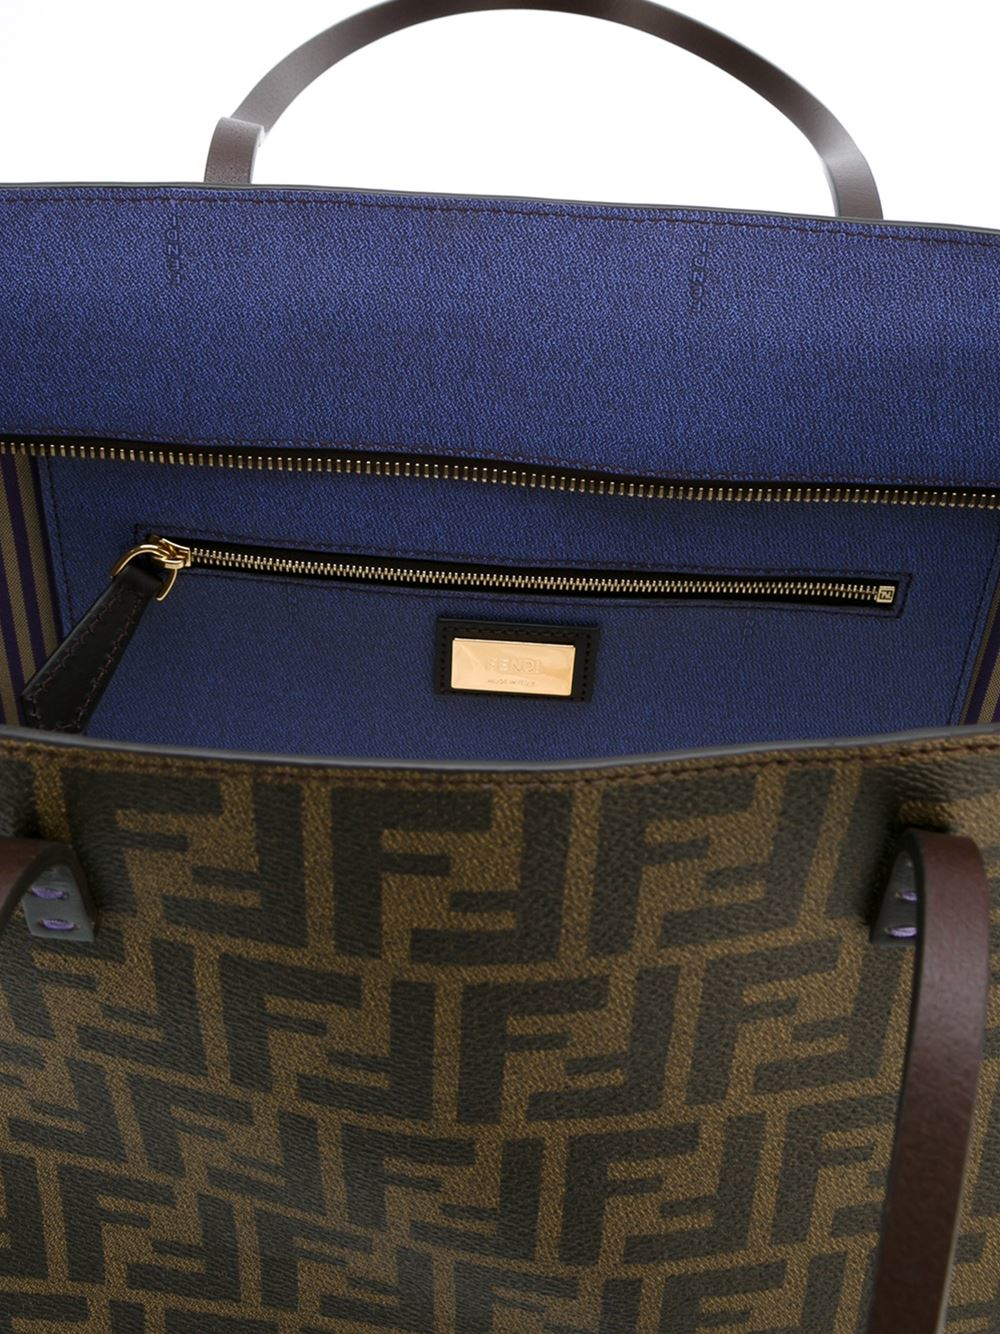 1b7fafc145 Fendi Roll Bag Zucca in Brown - Lyst